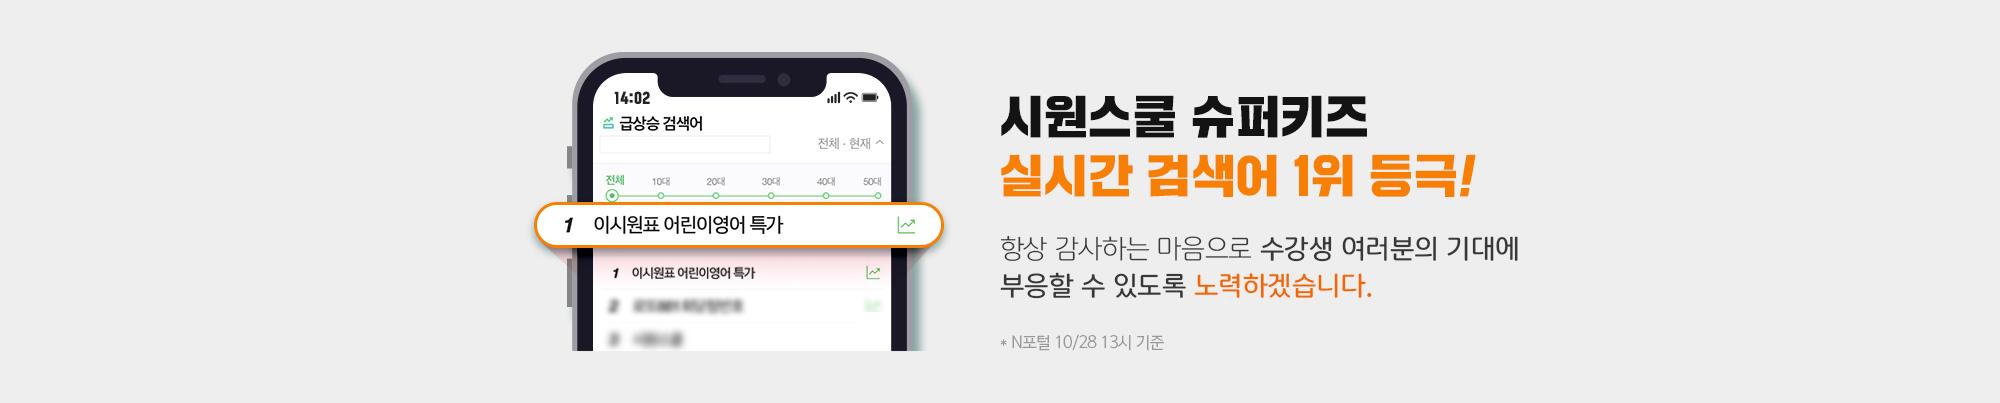 시원스쿨 슈퍼키즈 실시간 검색어 1위 등극!